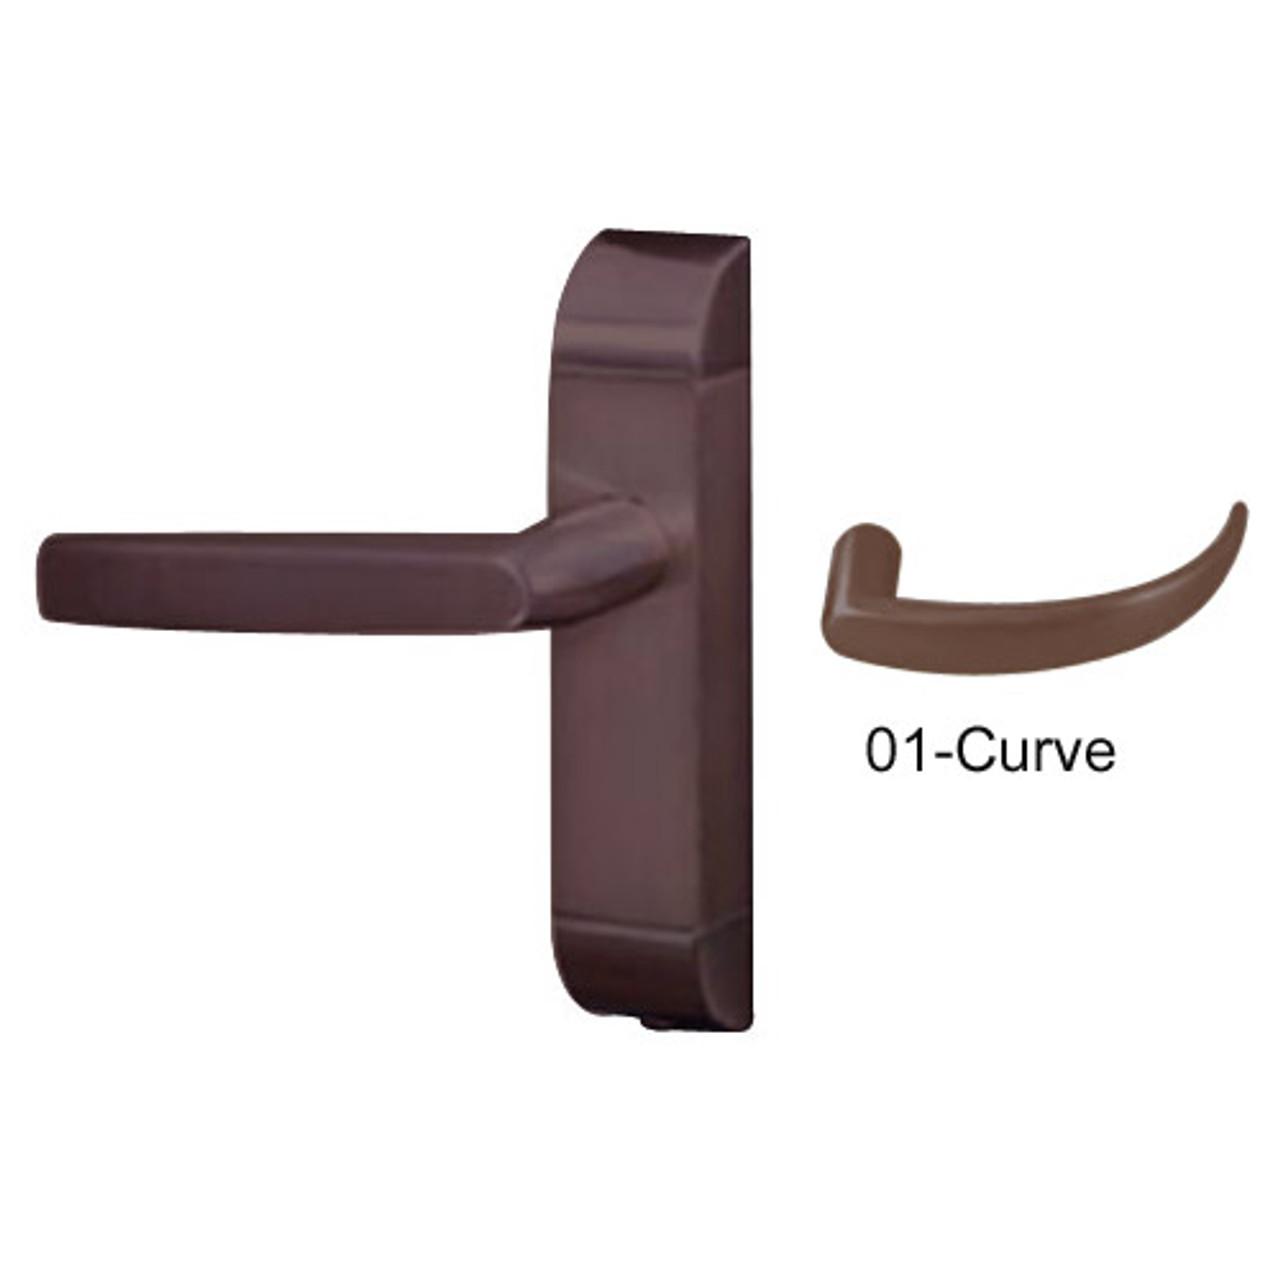 4600-01-552-US10B Adams Rite Heavy Duty Curve Deadlatch Handles in Oil Rubbed Bronze Finish